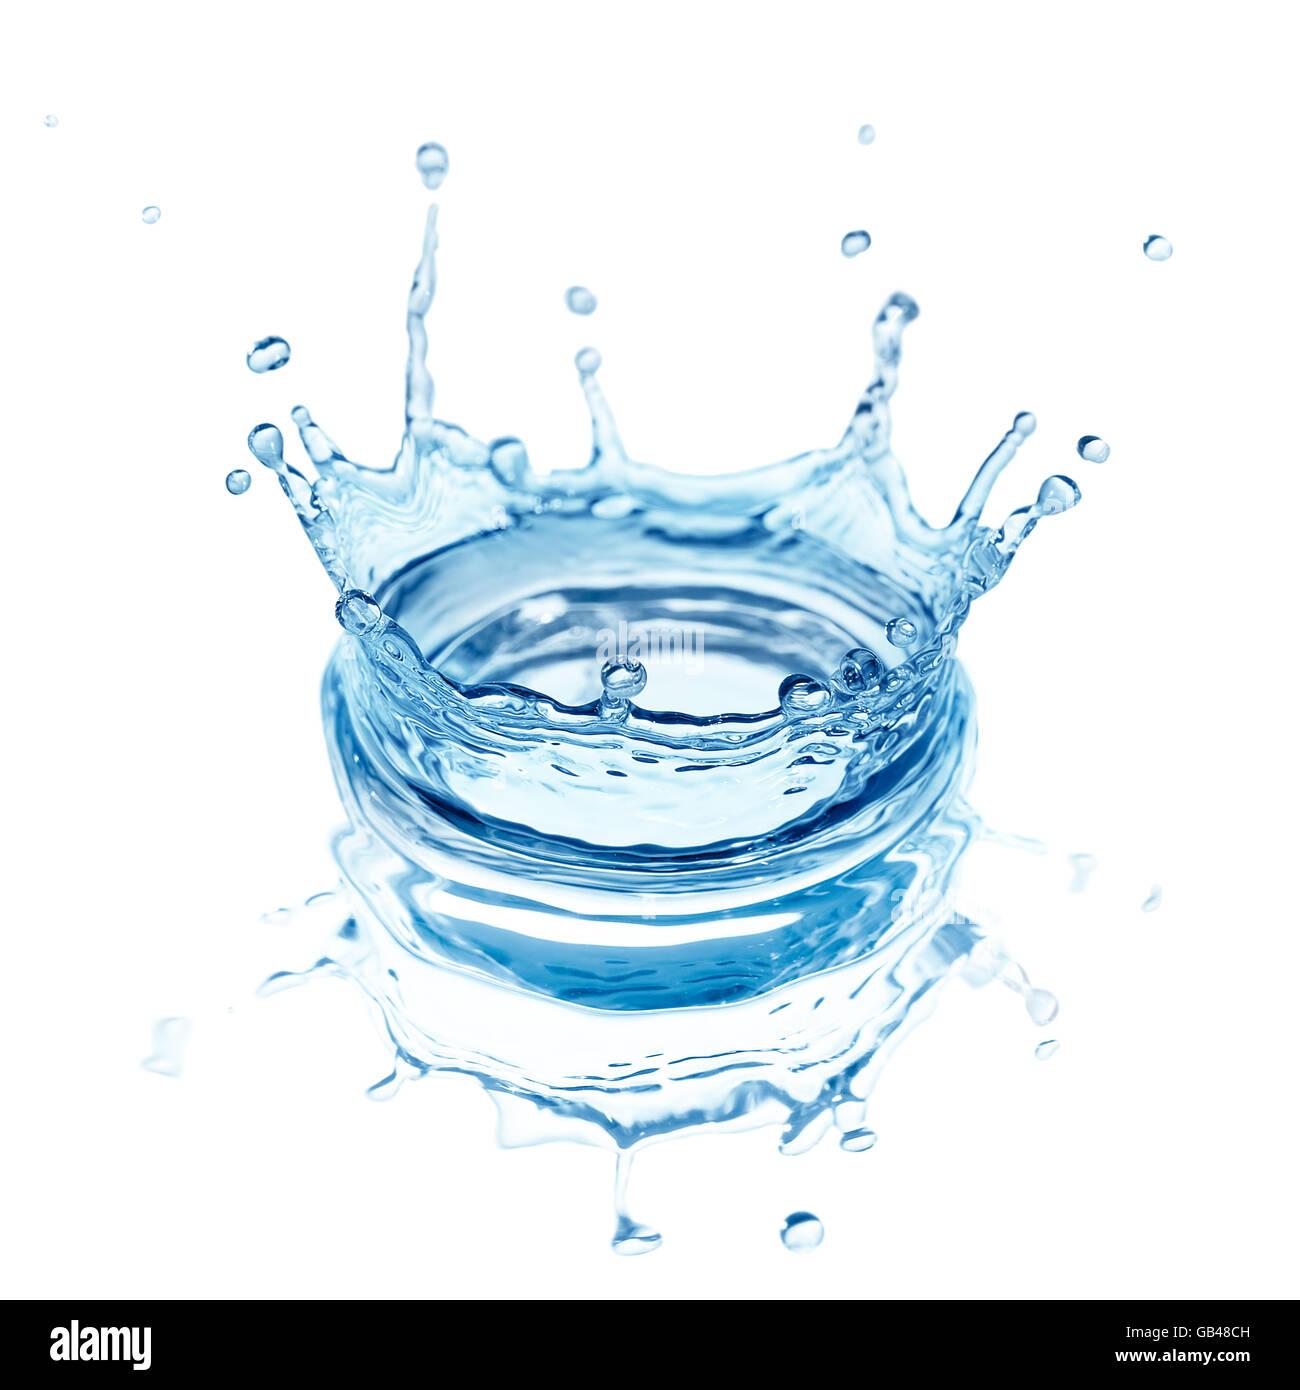 Les projections d'eau isolé sur fond blanc Photo Stock